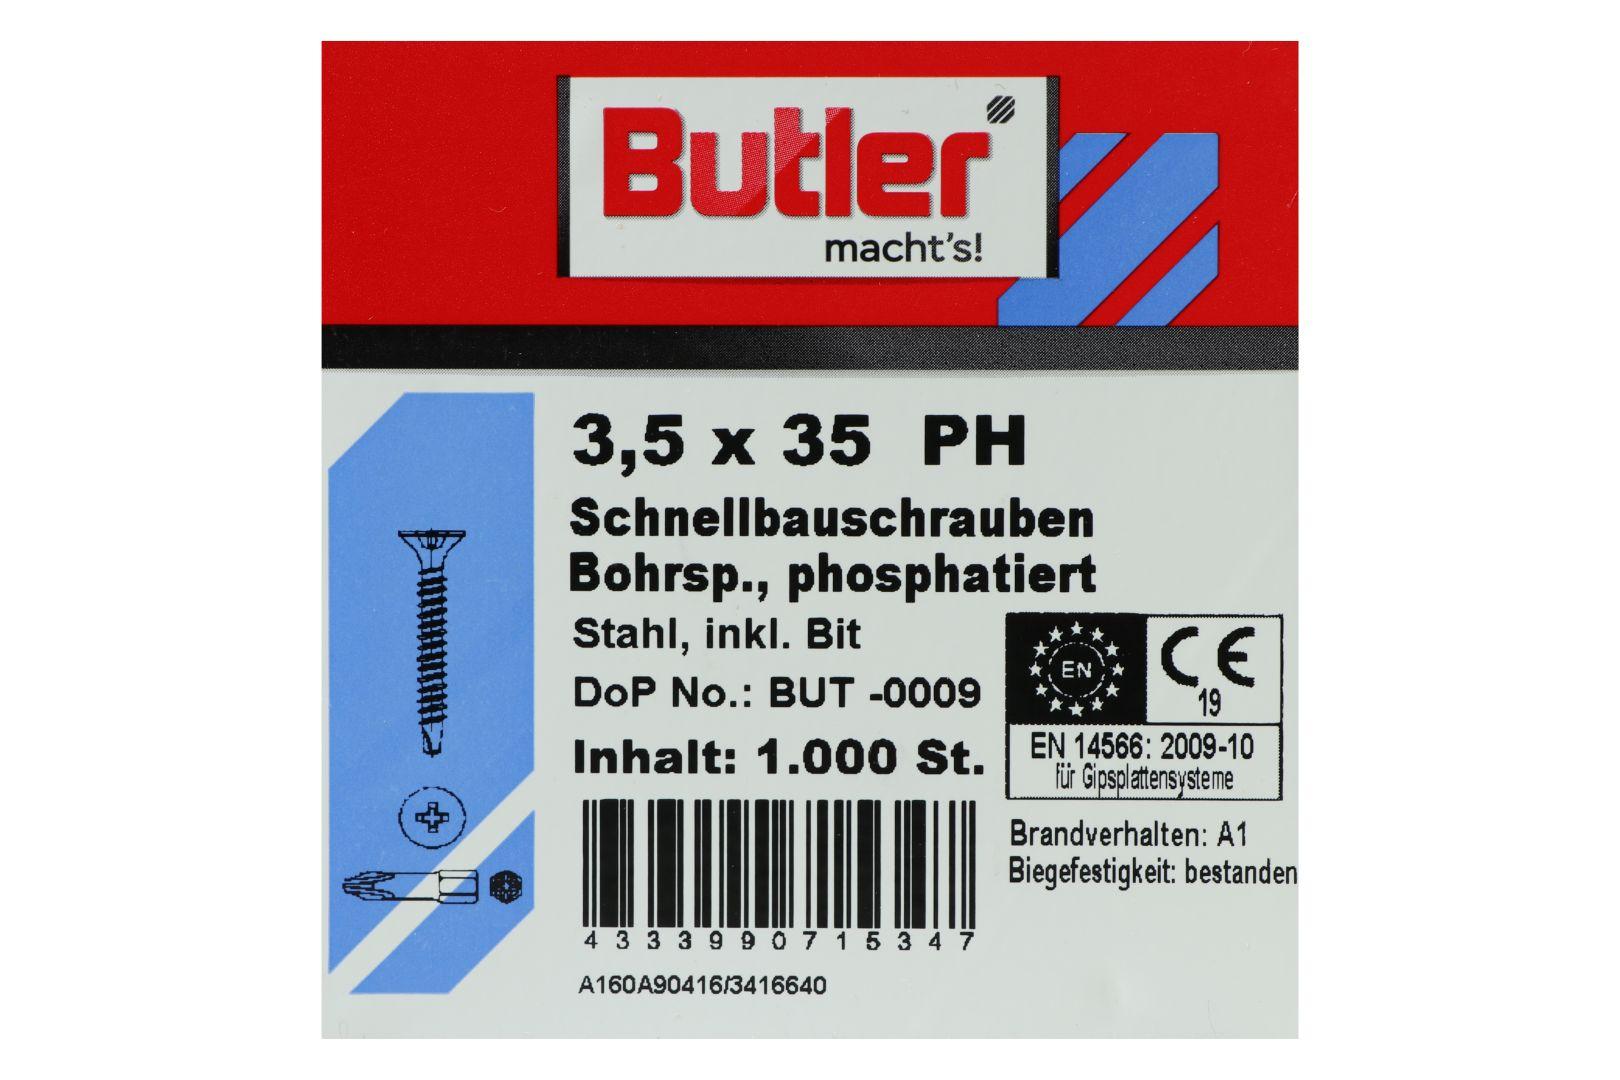 Butler macht's! Schnellbauschrauben inkl. Bit für Gipsplatten auf Metall 0,6 bis 2 mm, Bohrspitze, Feingewinde, PH2, 3,5 x 35 mm, 1.000 Stück